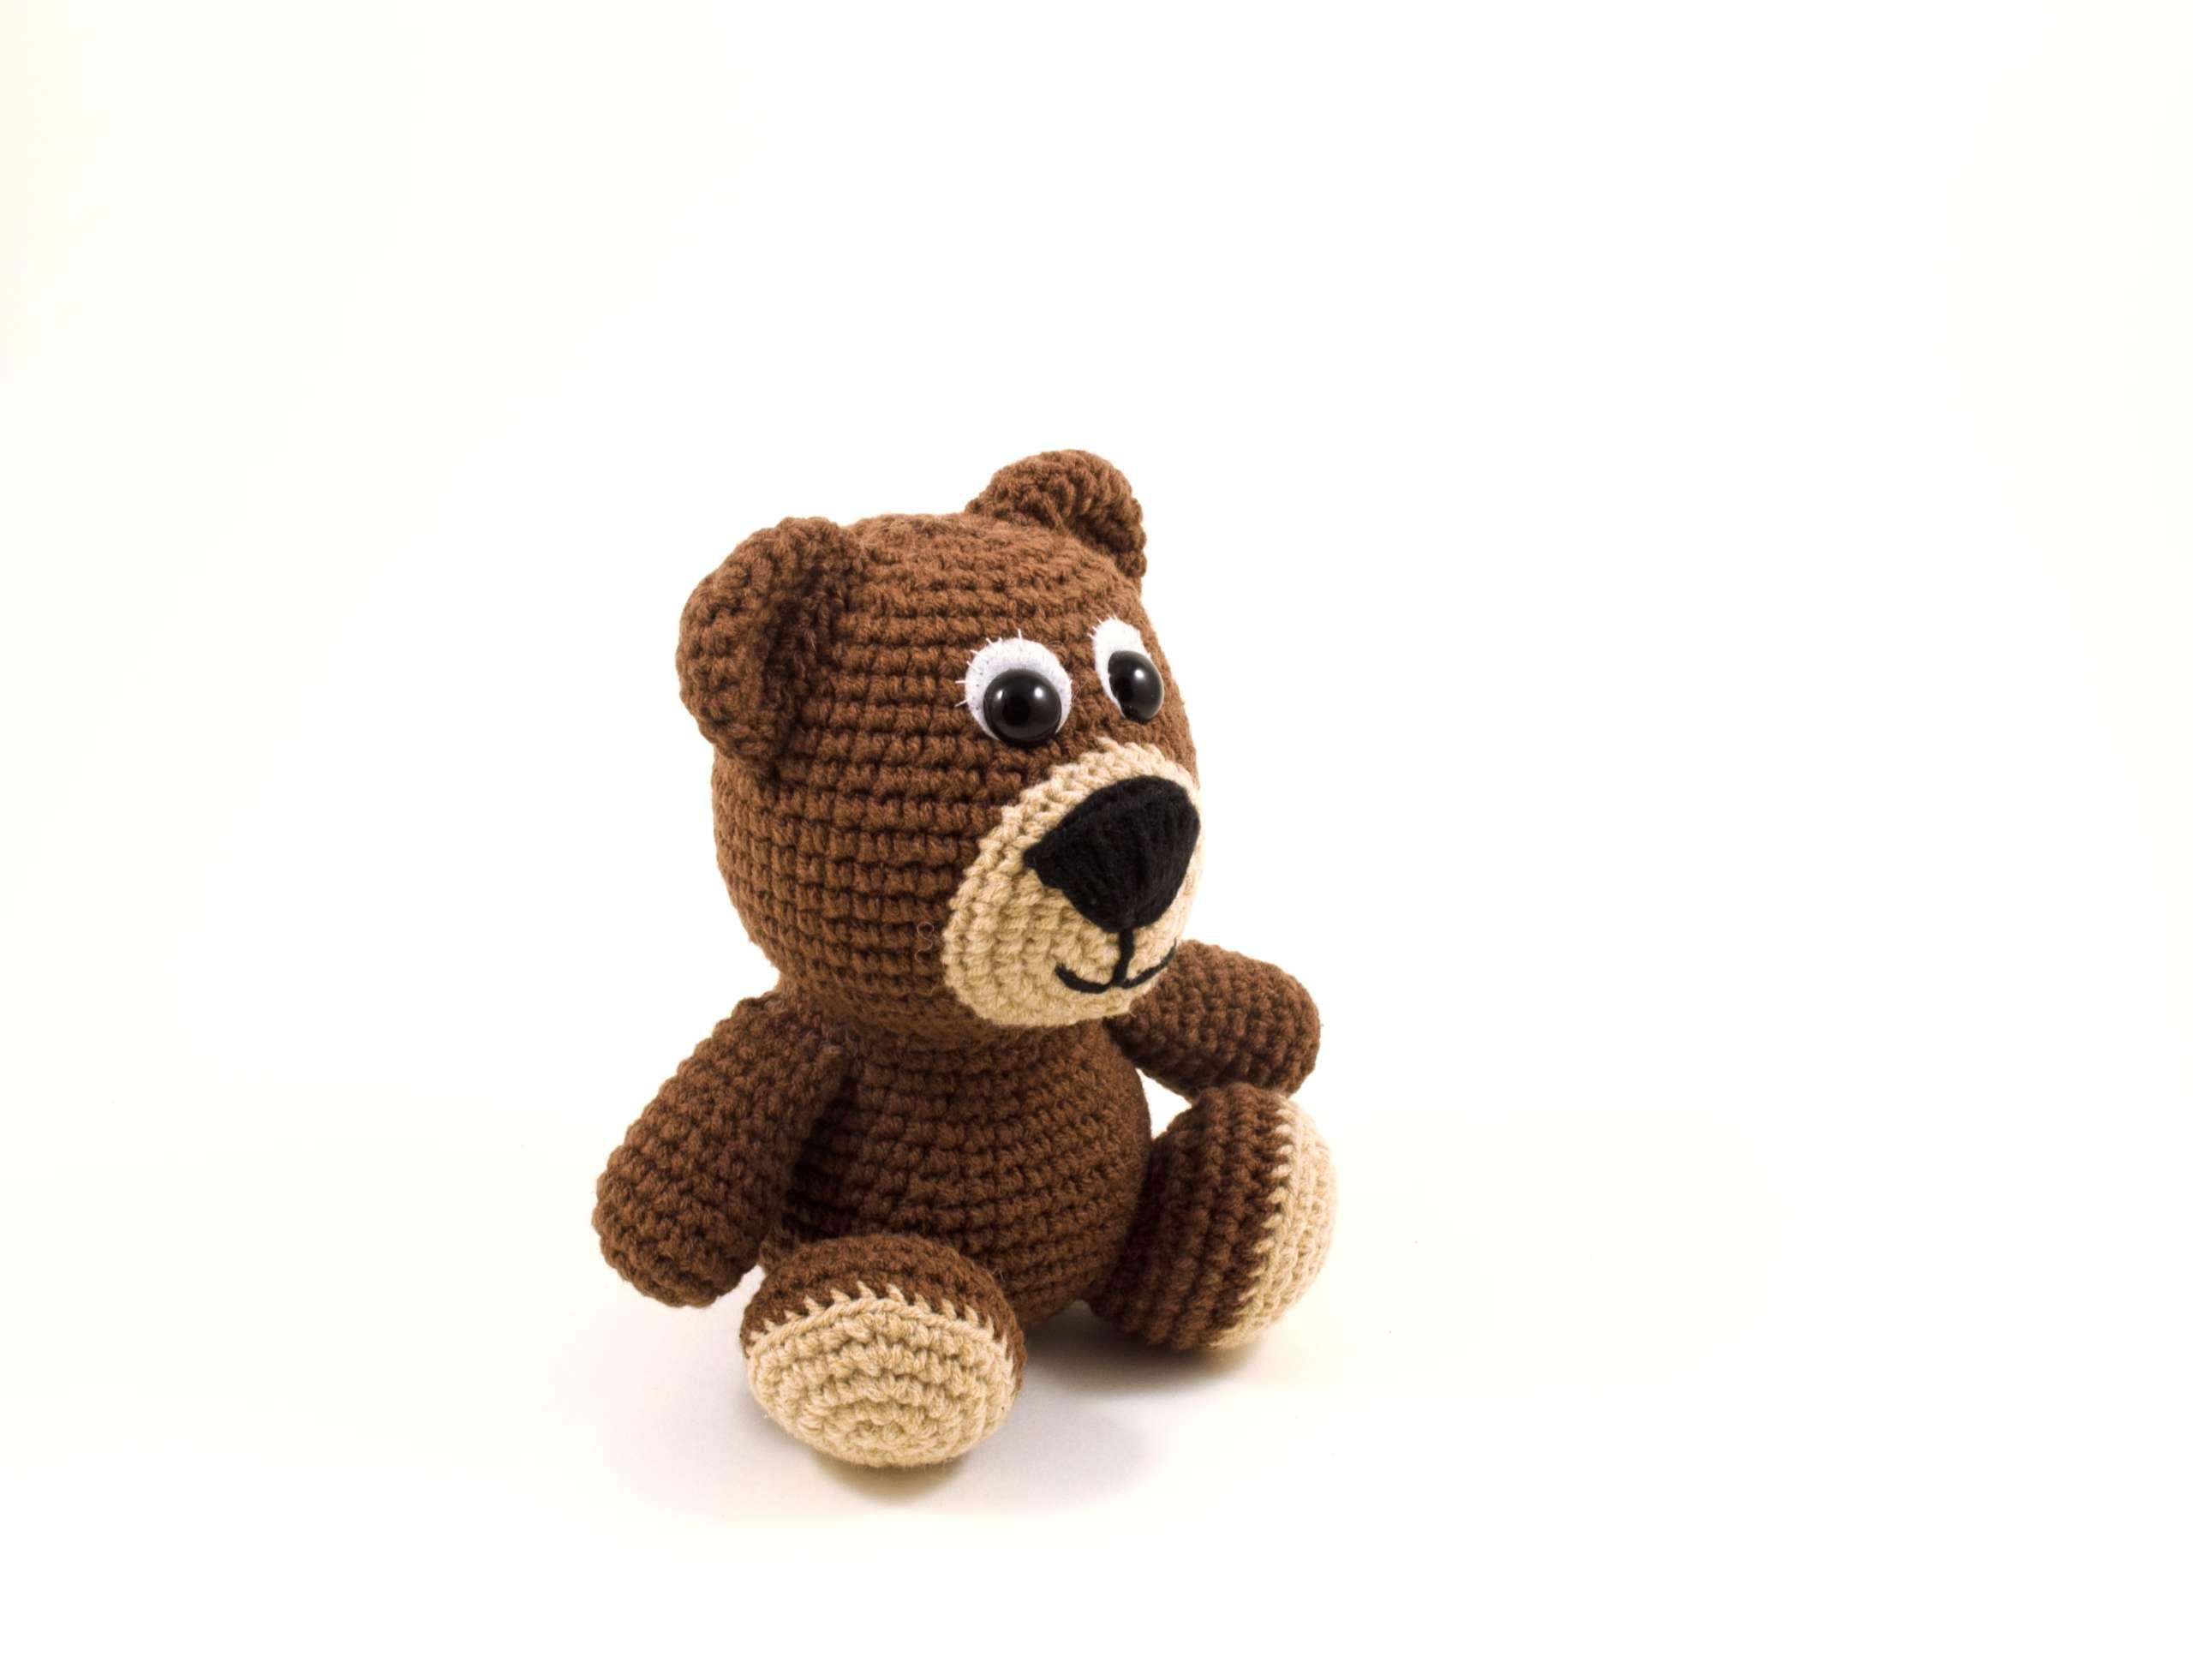 crochet teddy bear side view